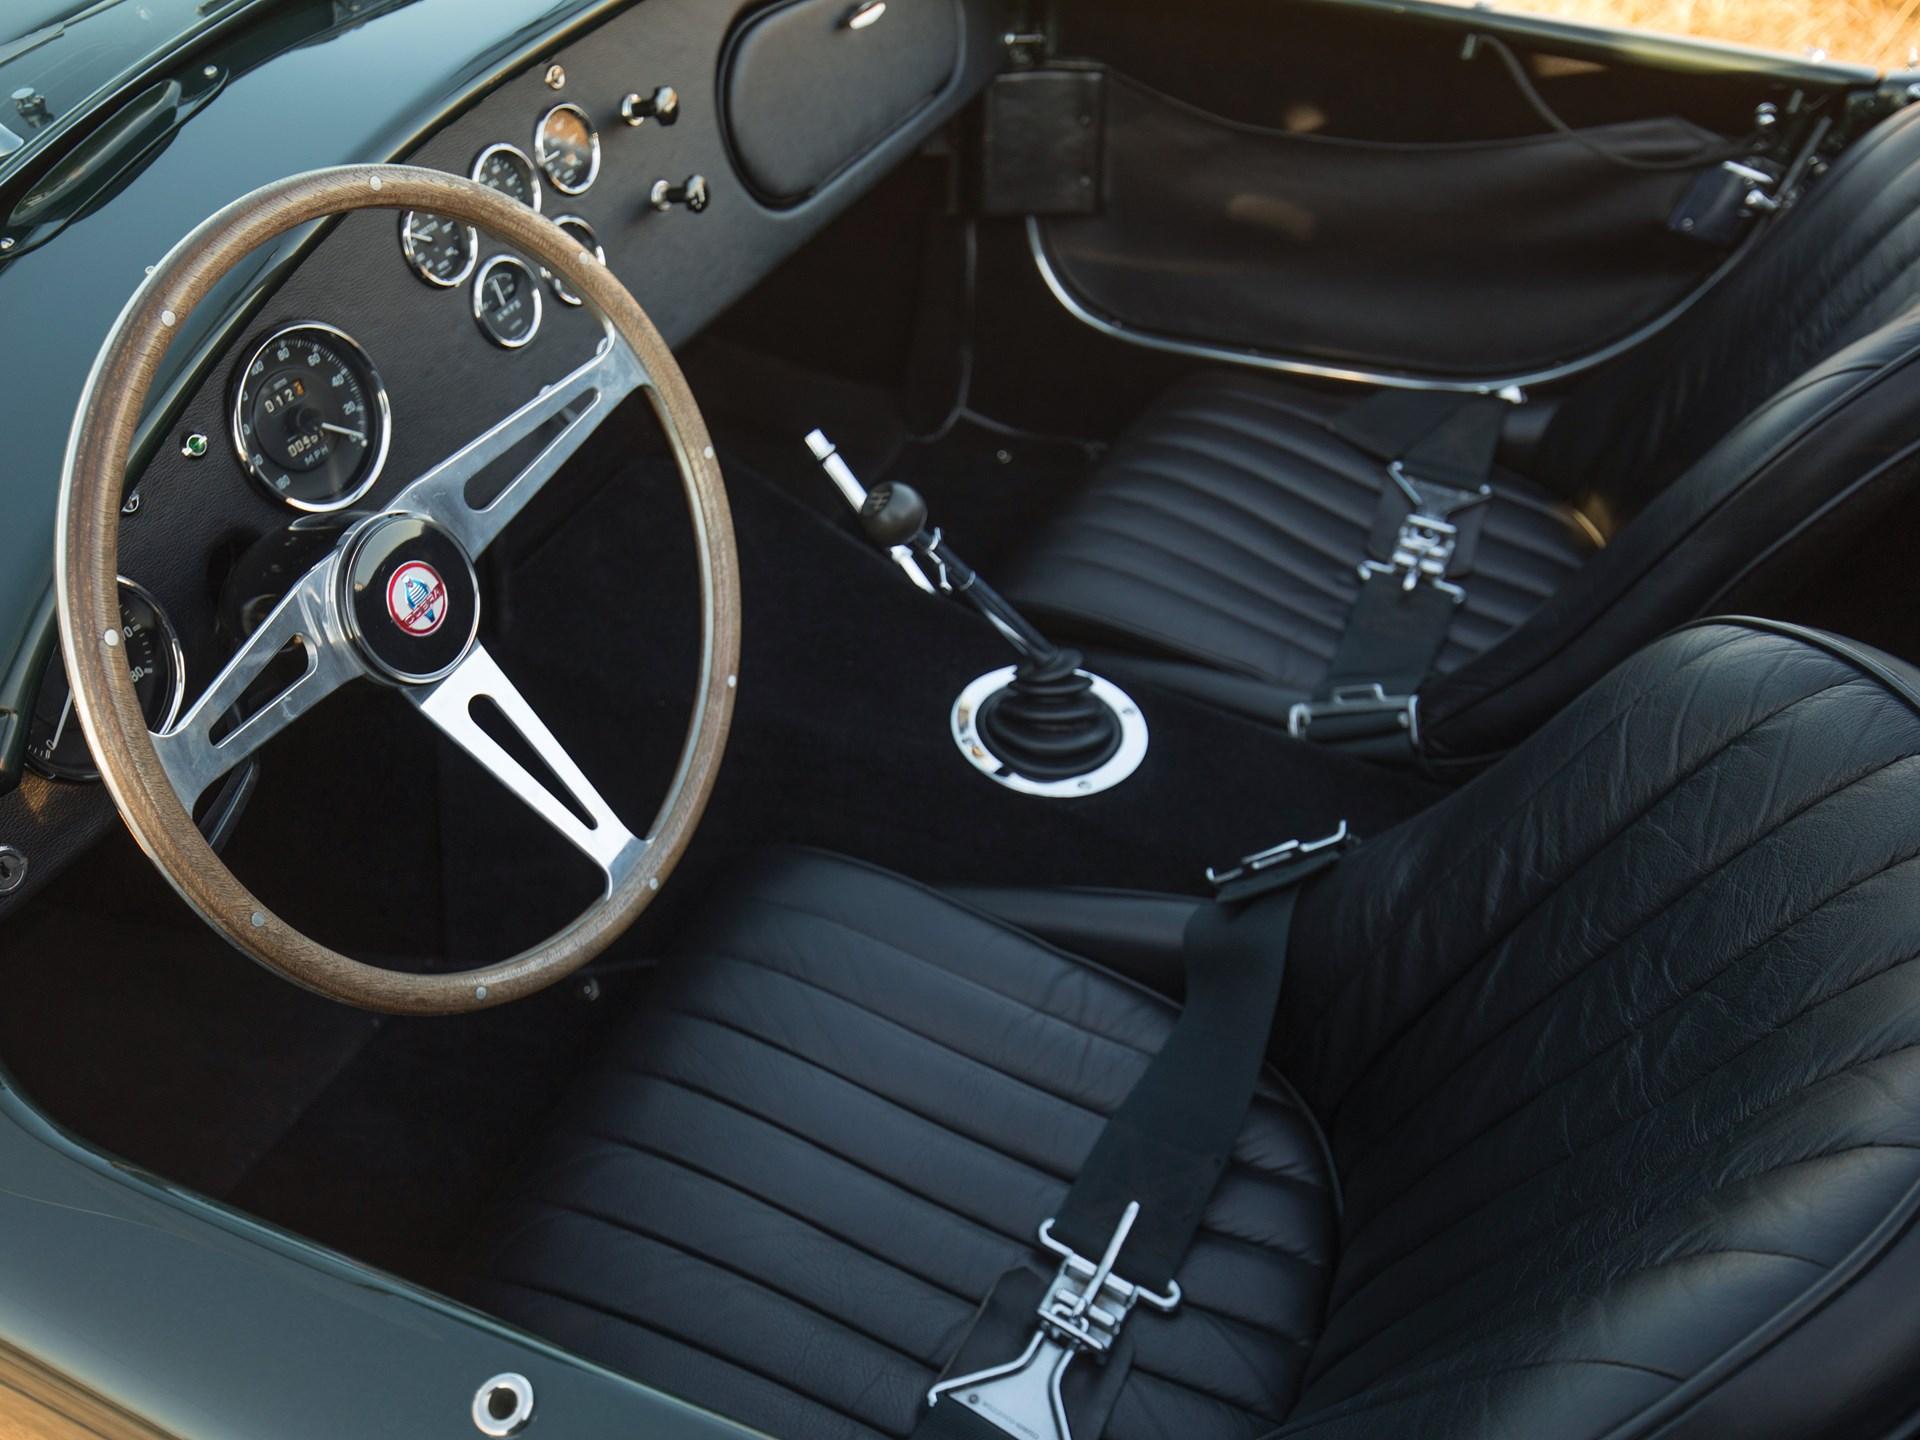 1967 Shelby 427 Cobra interior